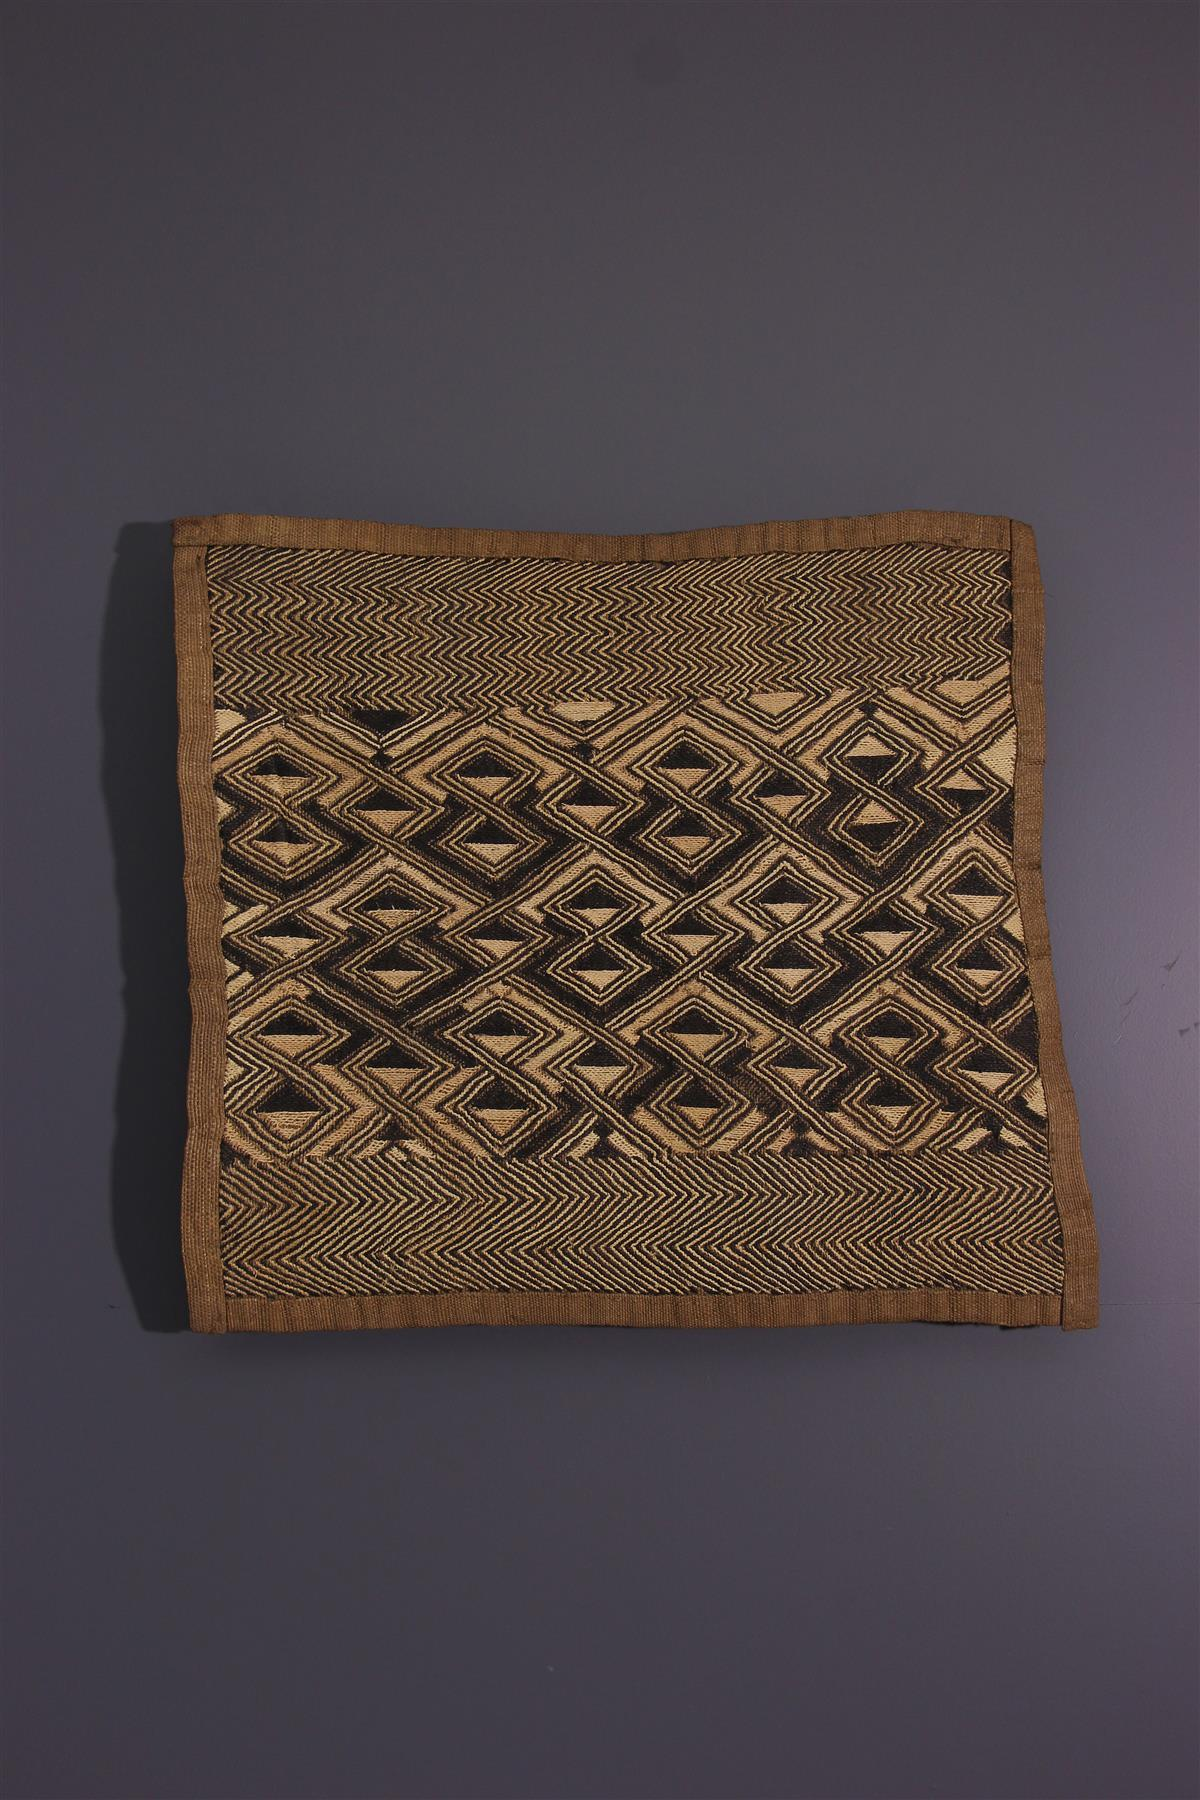 Kuba Textile - African art